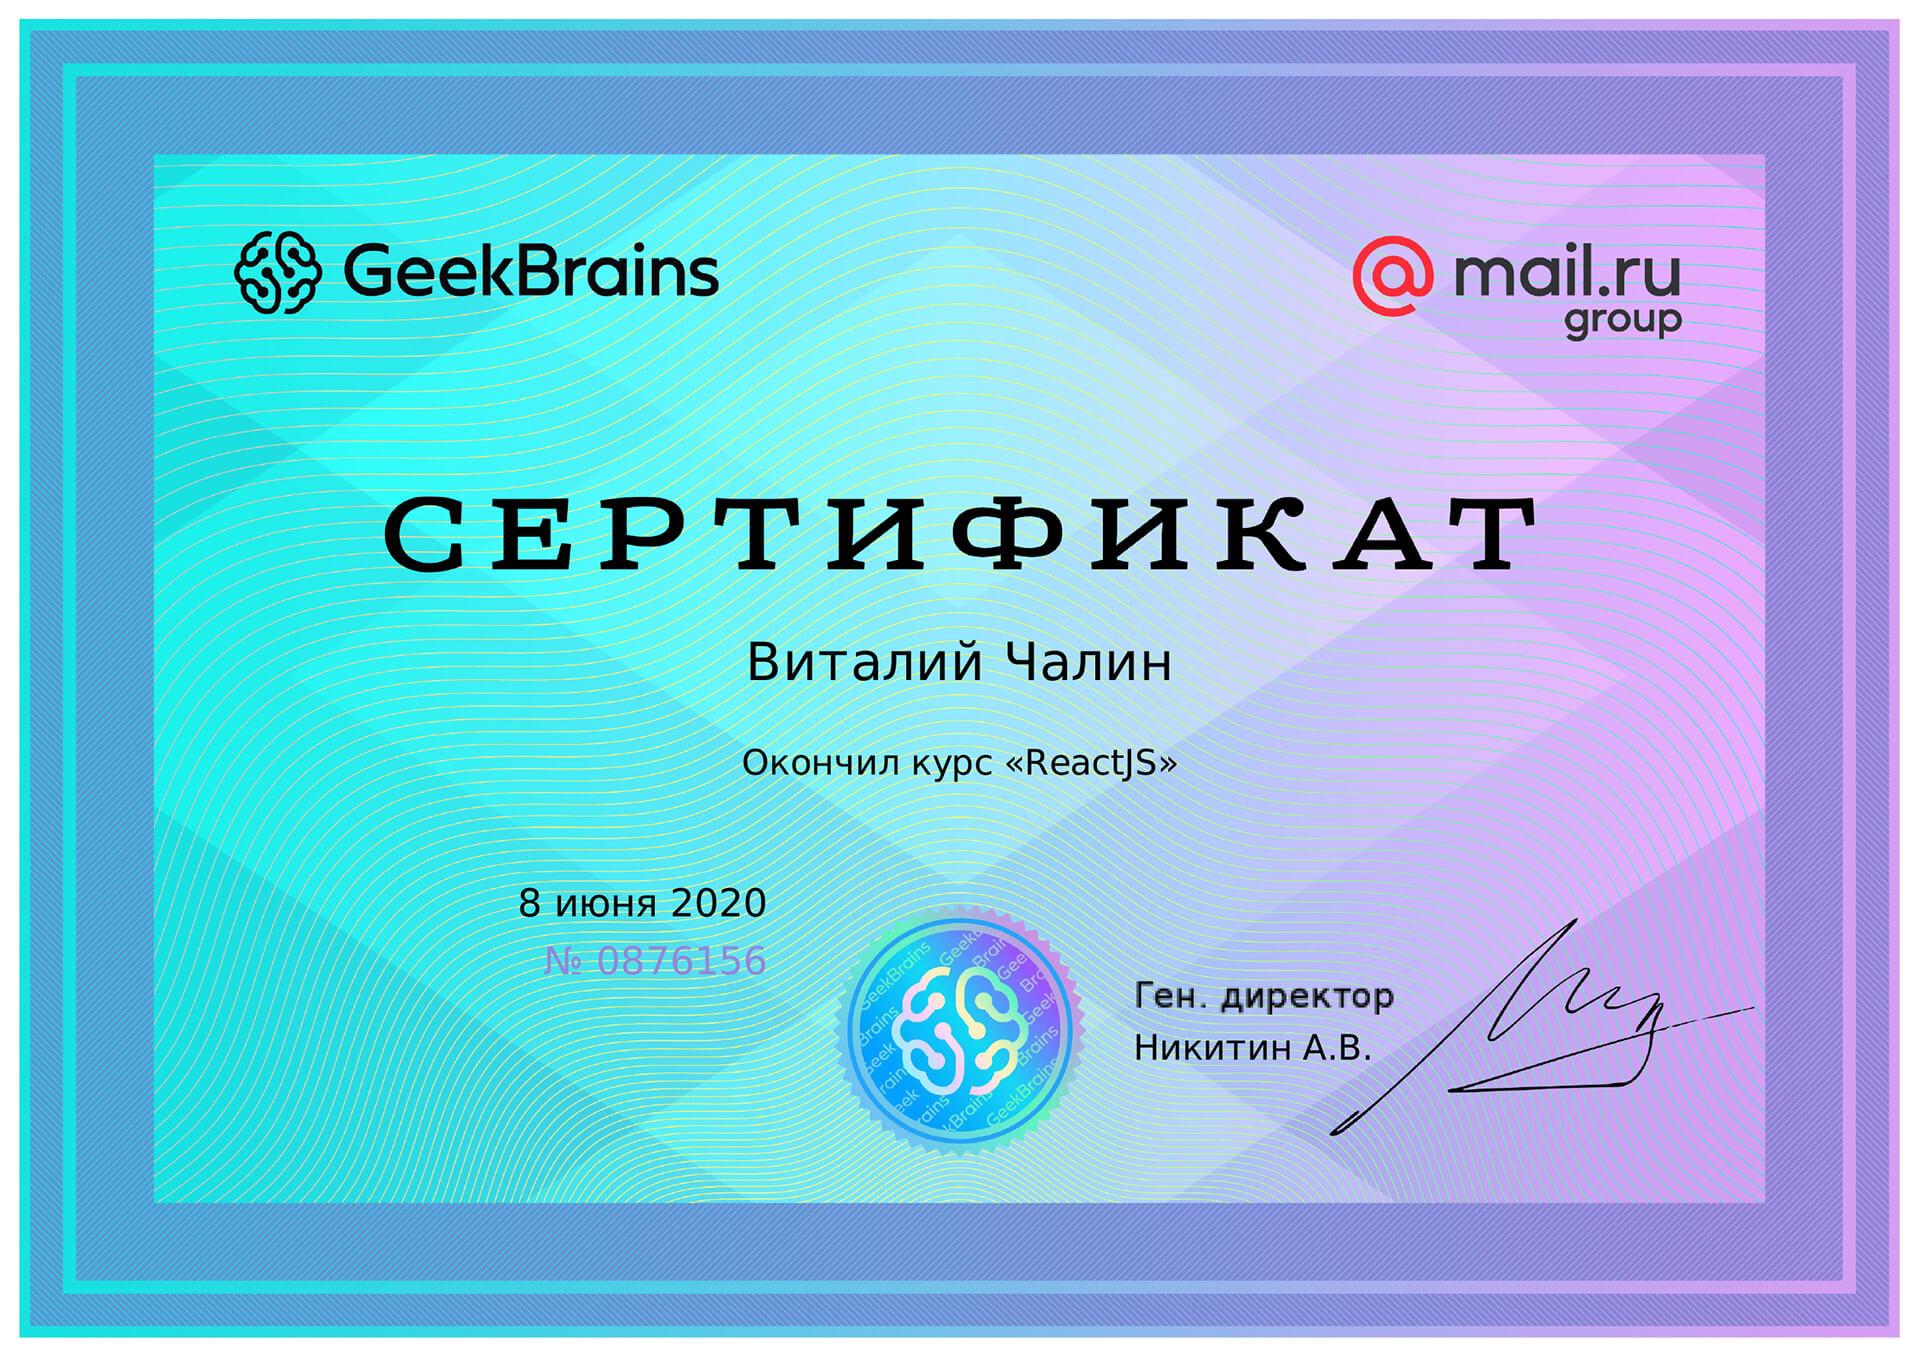 Geekbrains - ReactJS